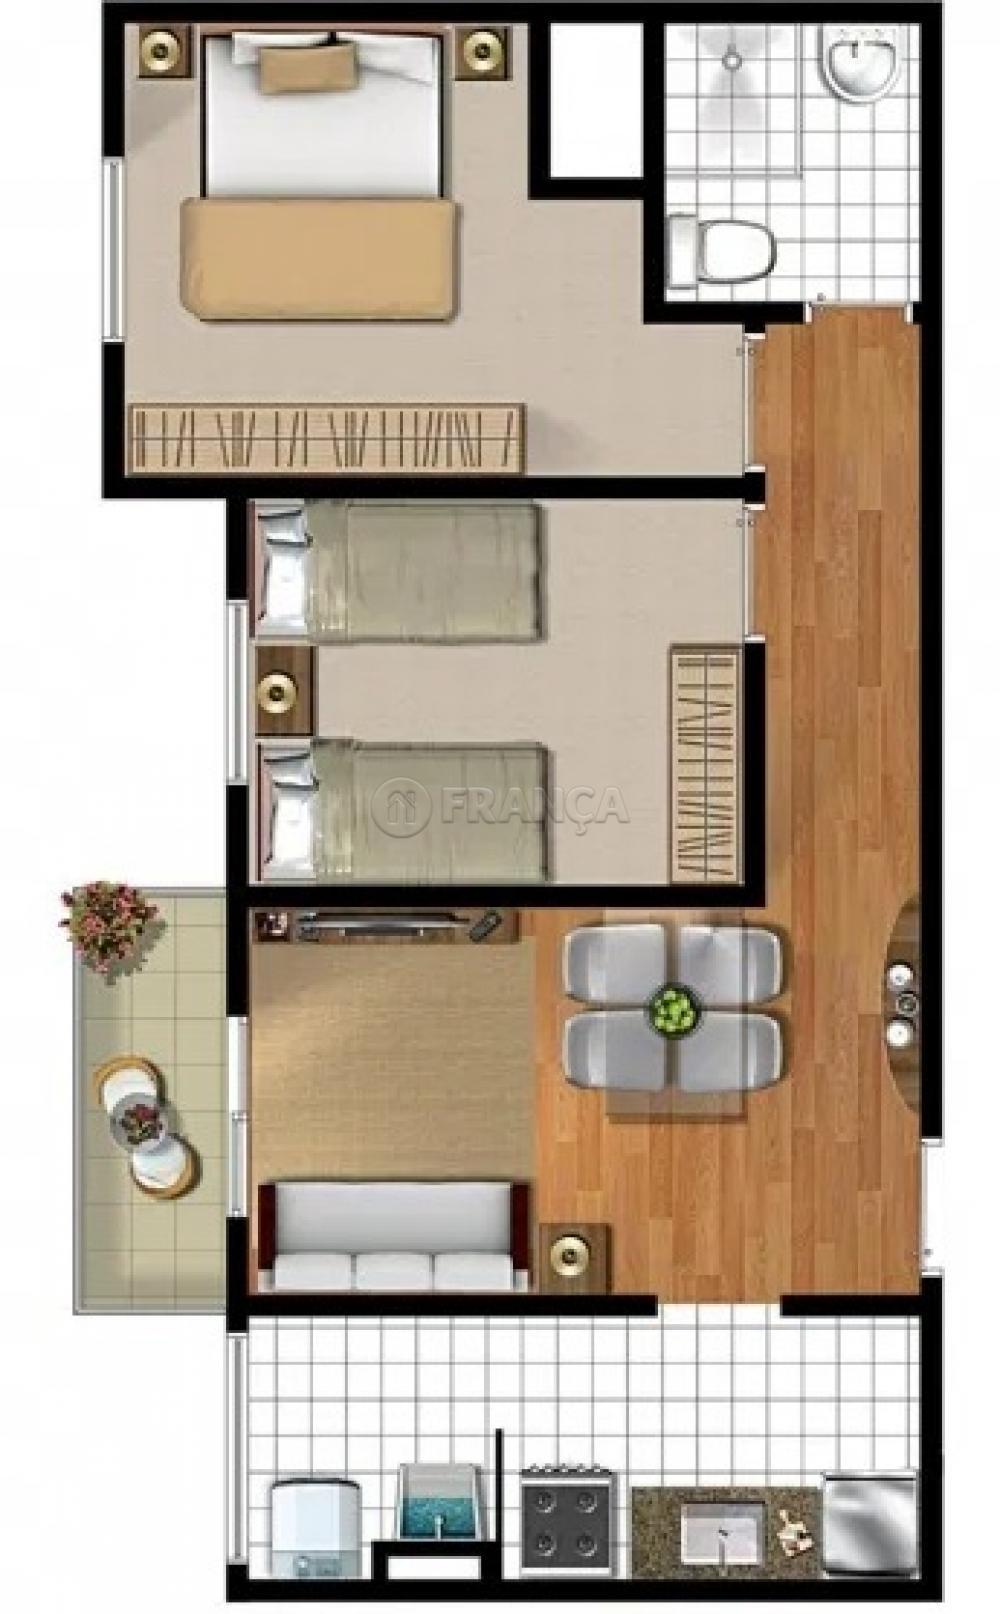 Comprar Apartamento / Padrão em São José dos Campos - Foto 7